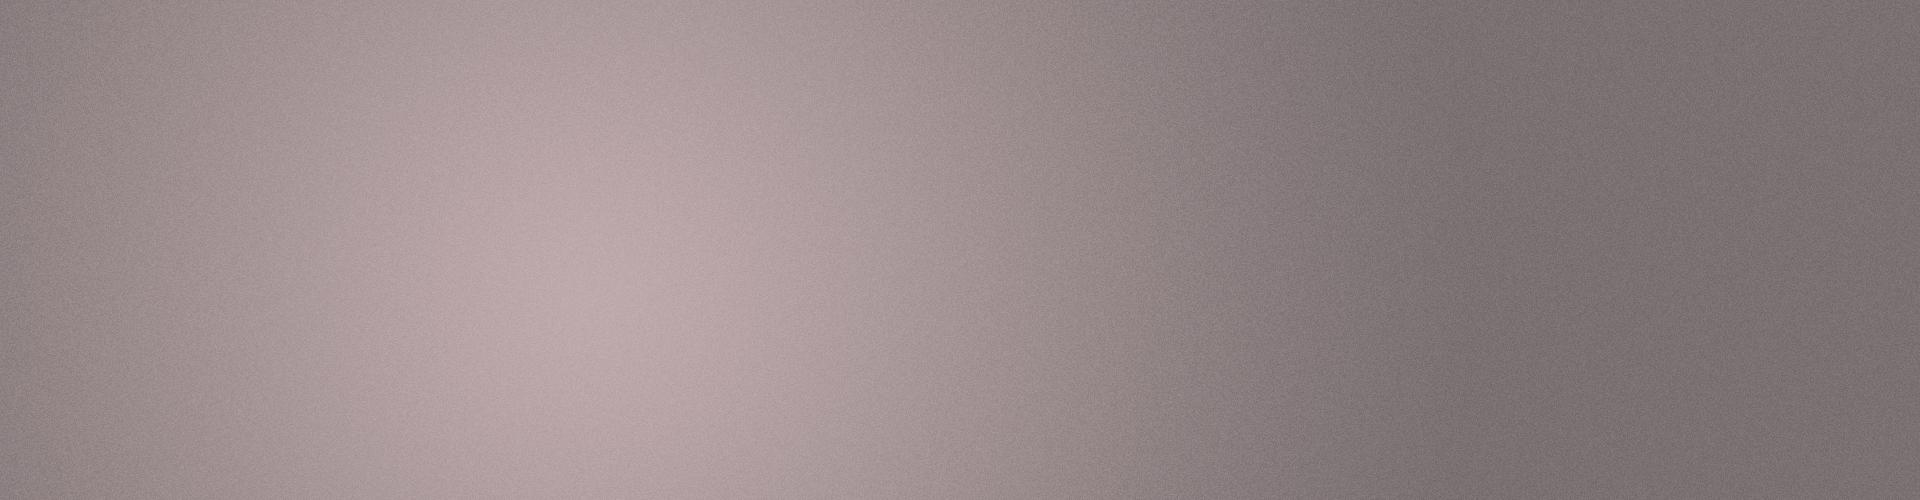 tlo_78